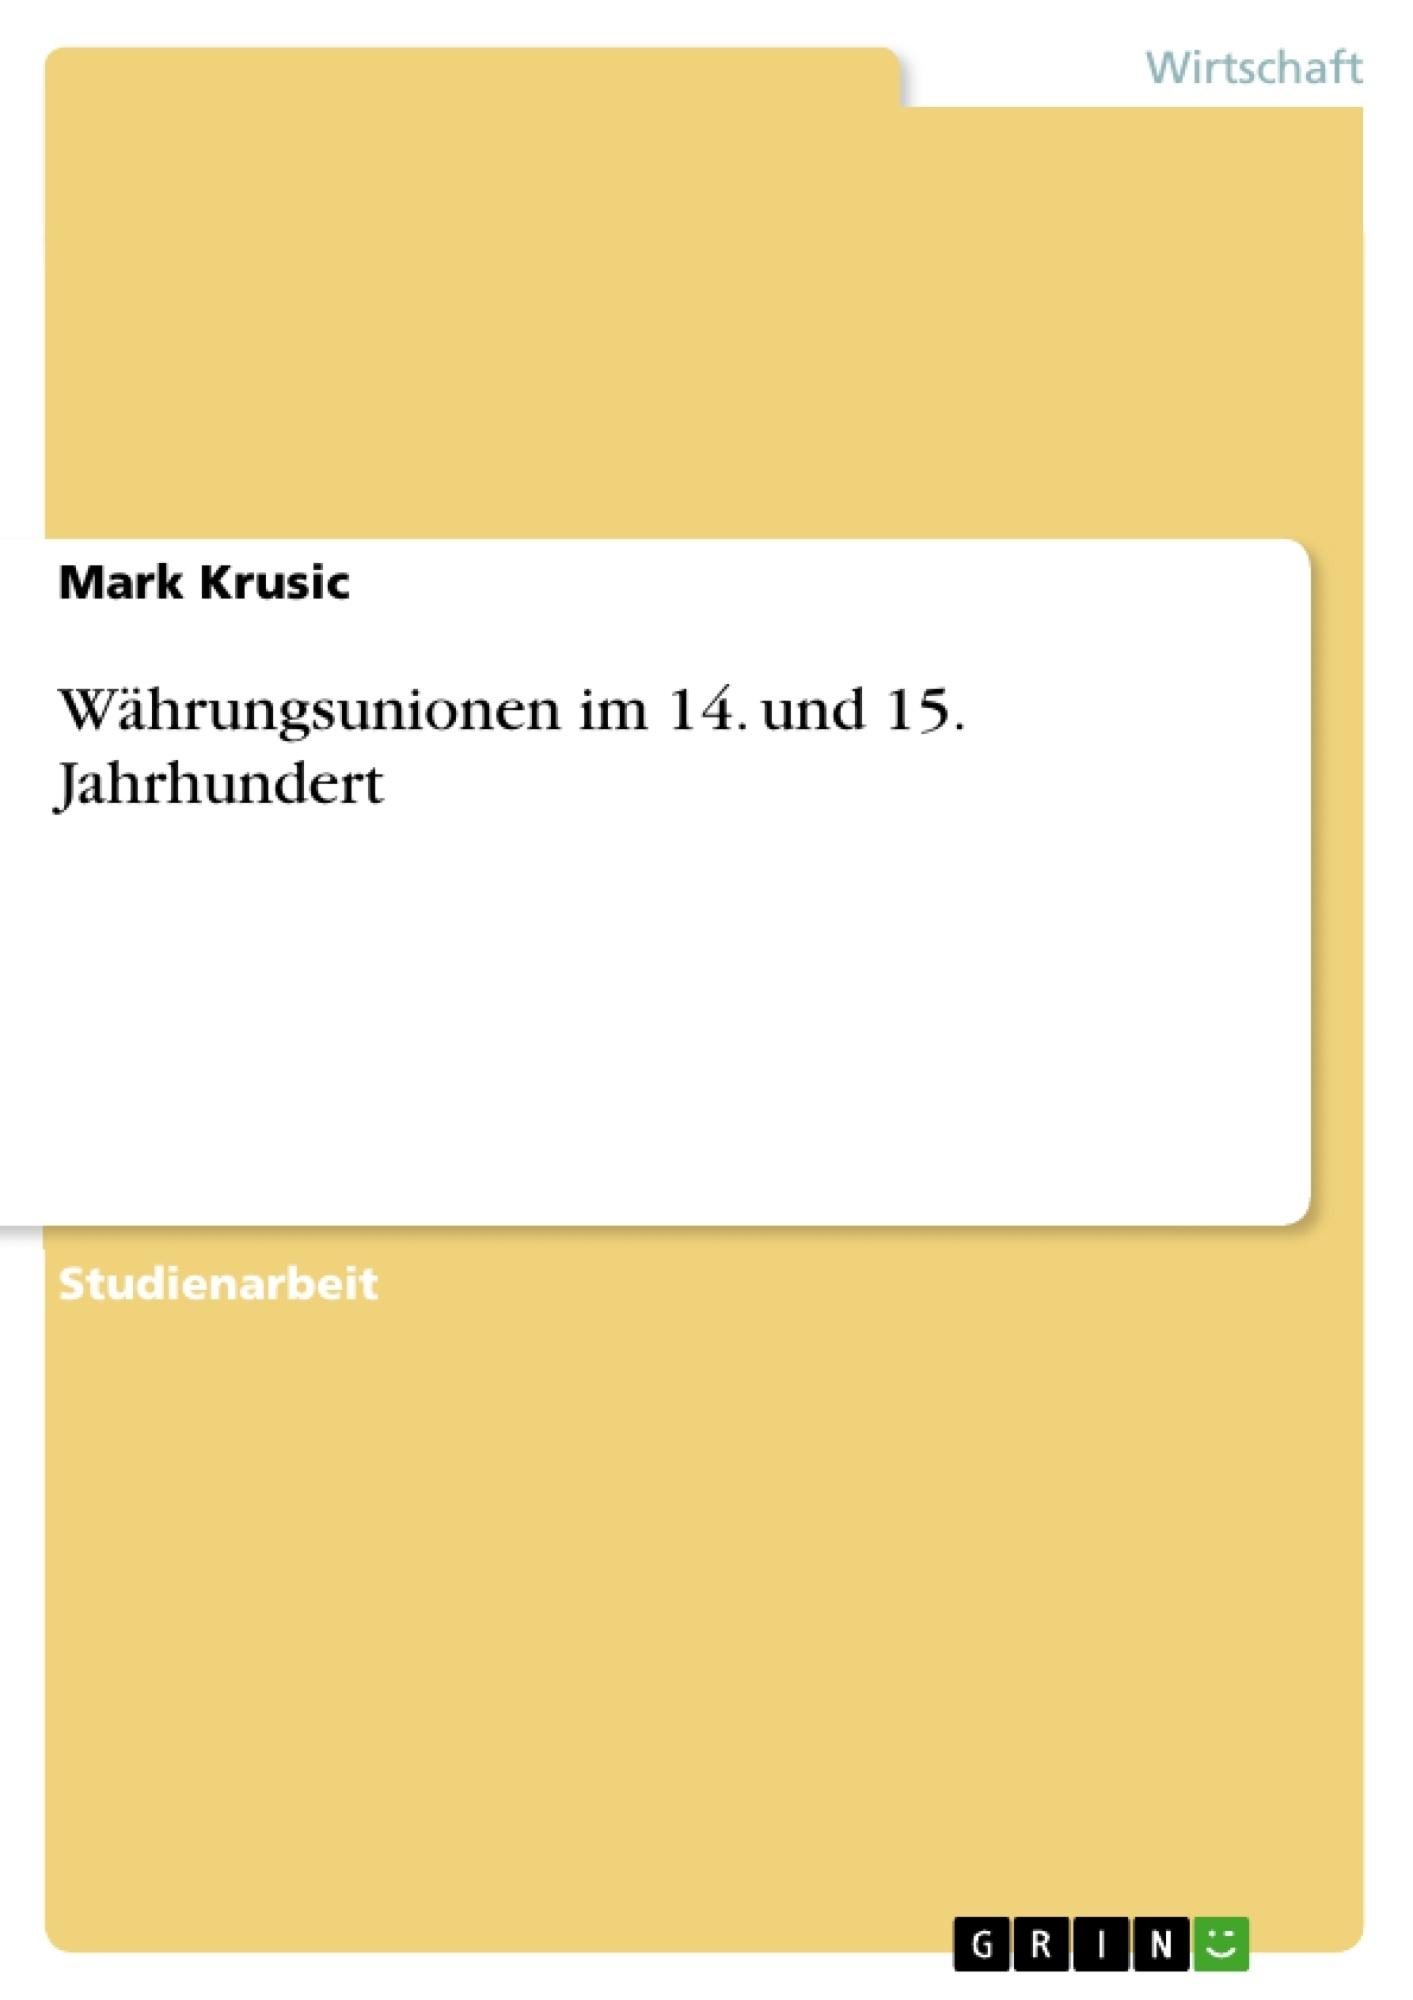 Titel: Währungsunionen im 14. und 15. Jahrhundert